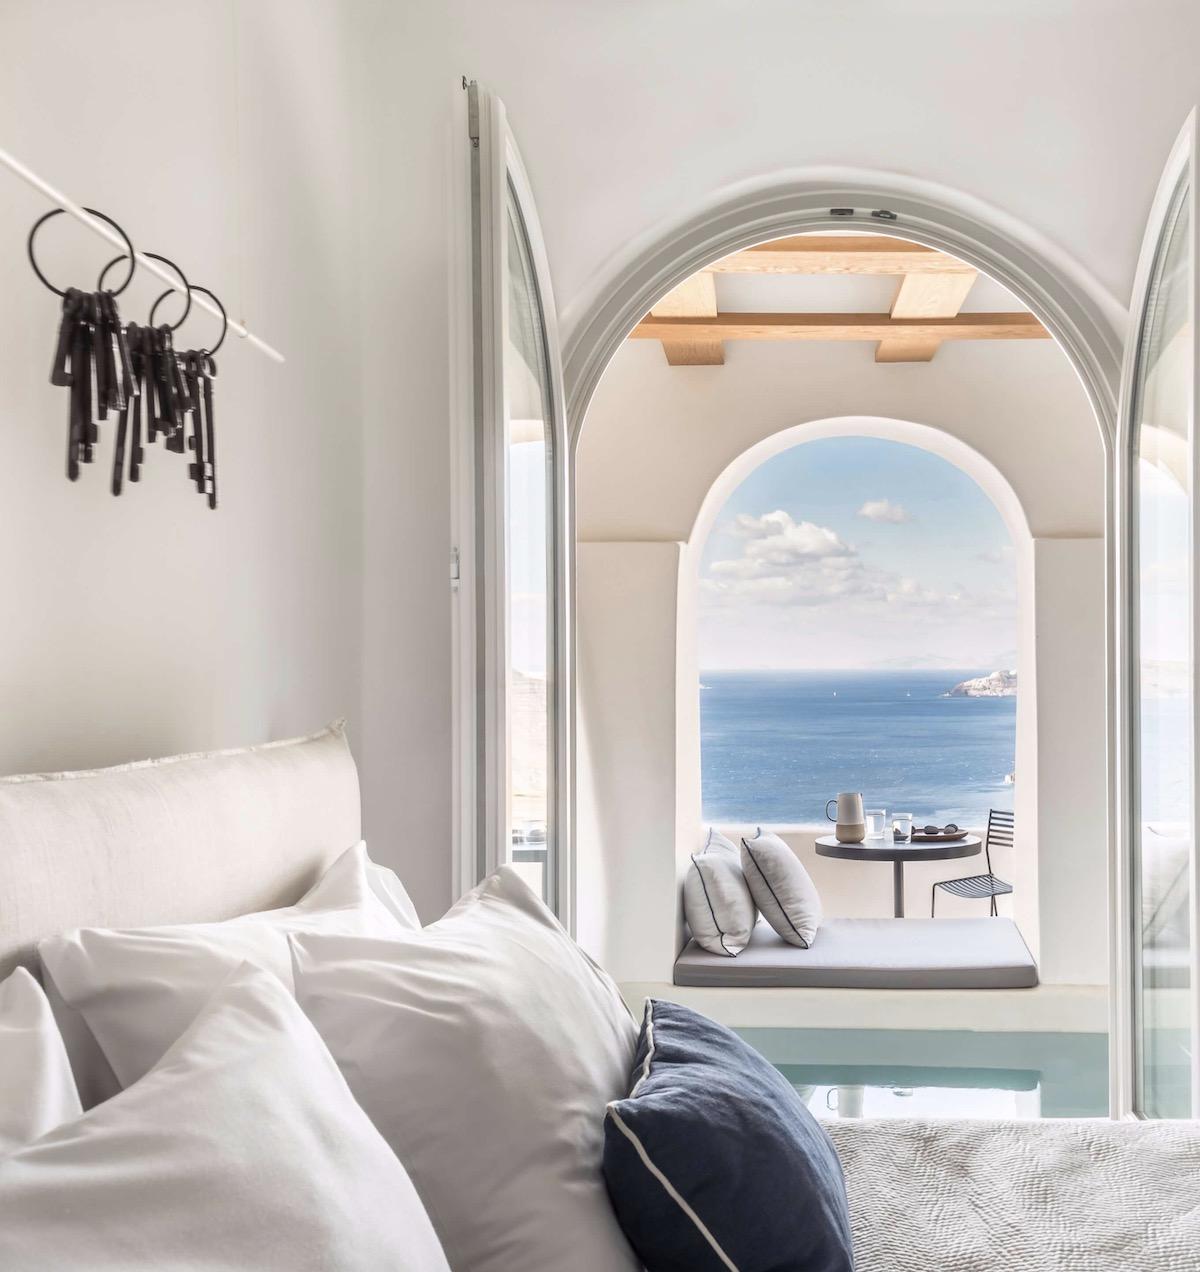 porto fira suites hotel chambre vue sur mer Égée avis santorin